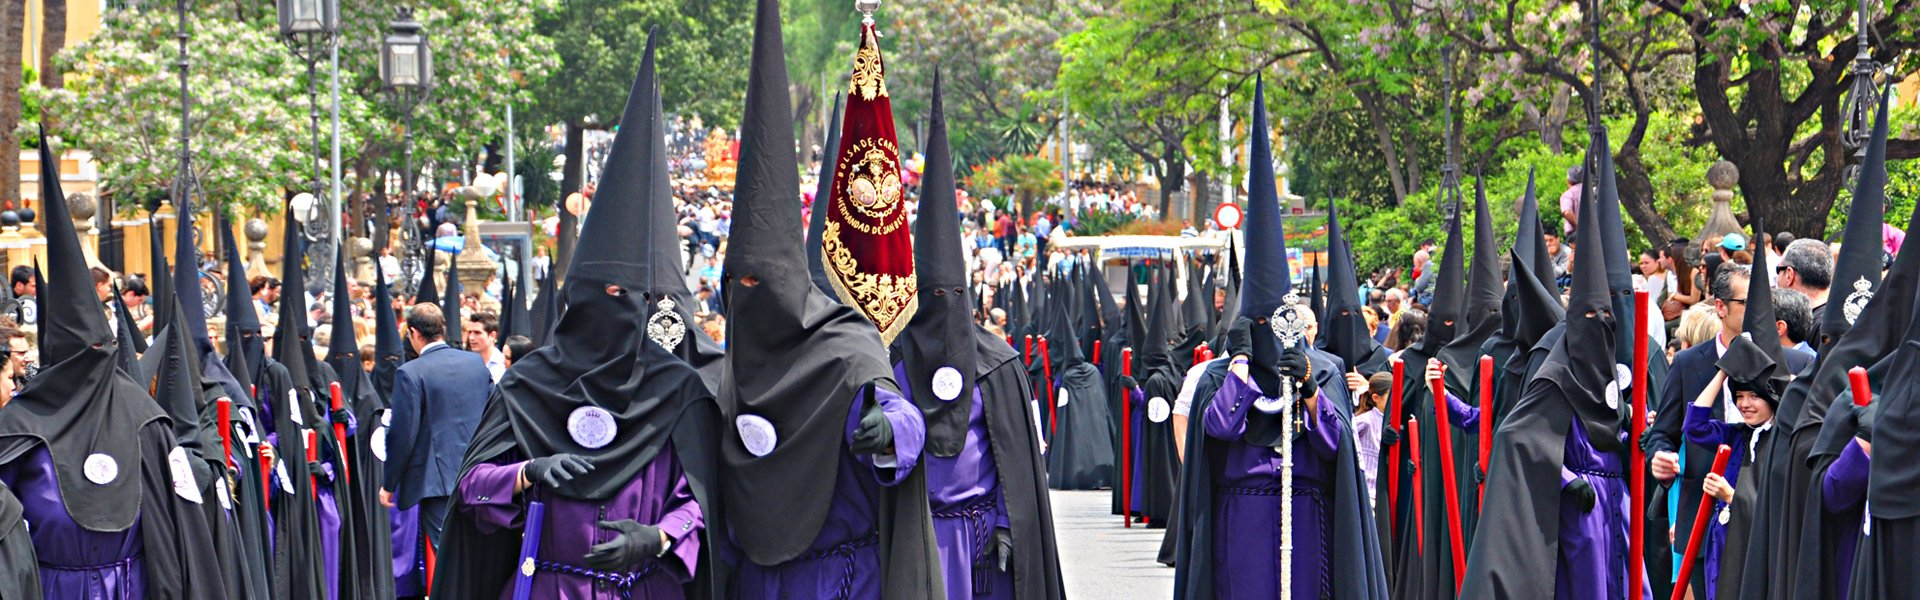 Semana Santa in Andalusië, Spanje